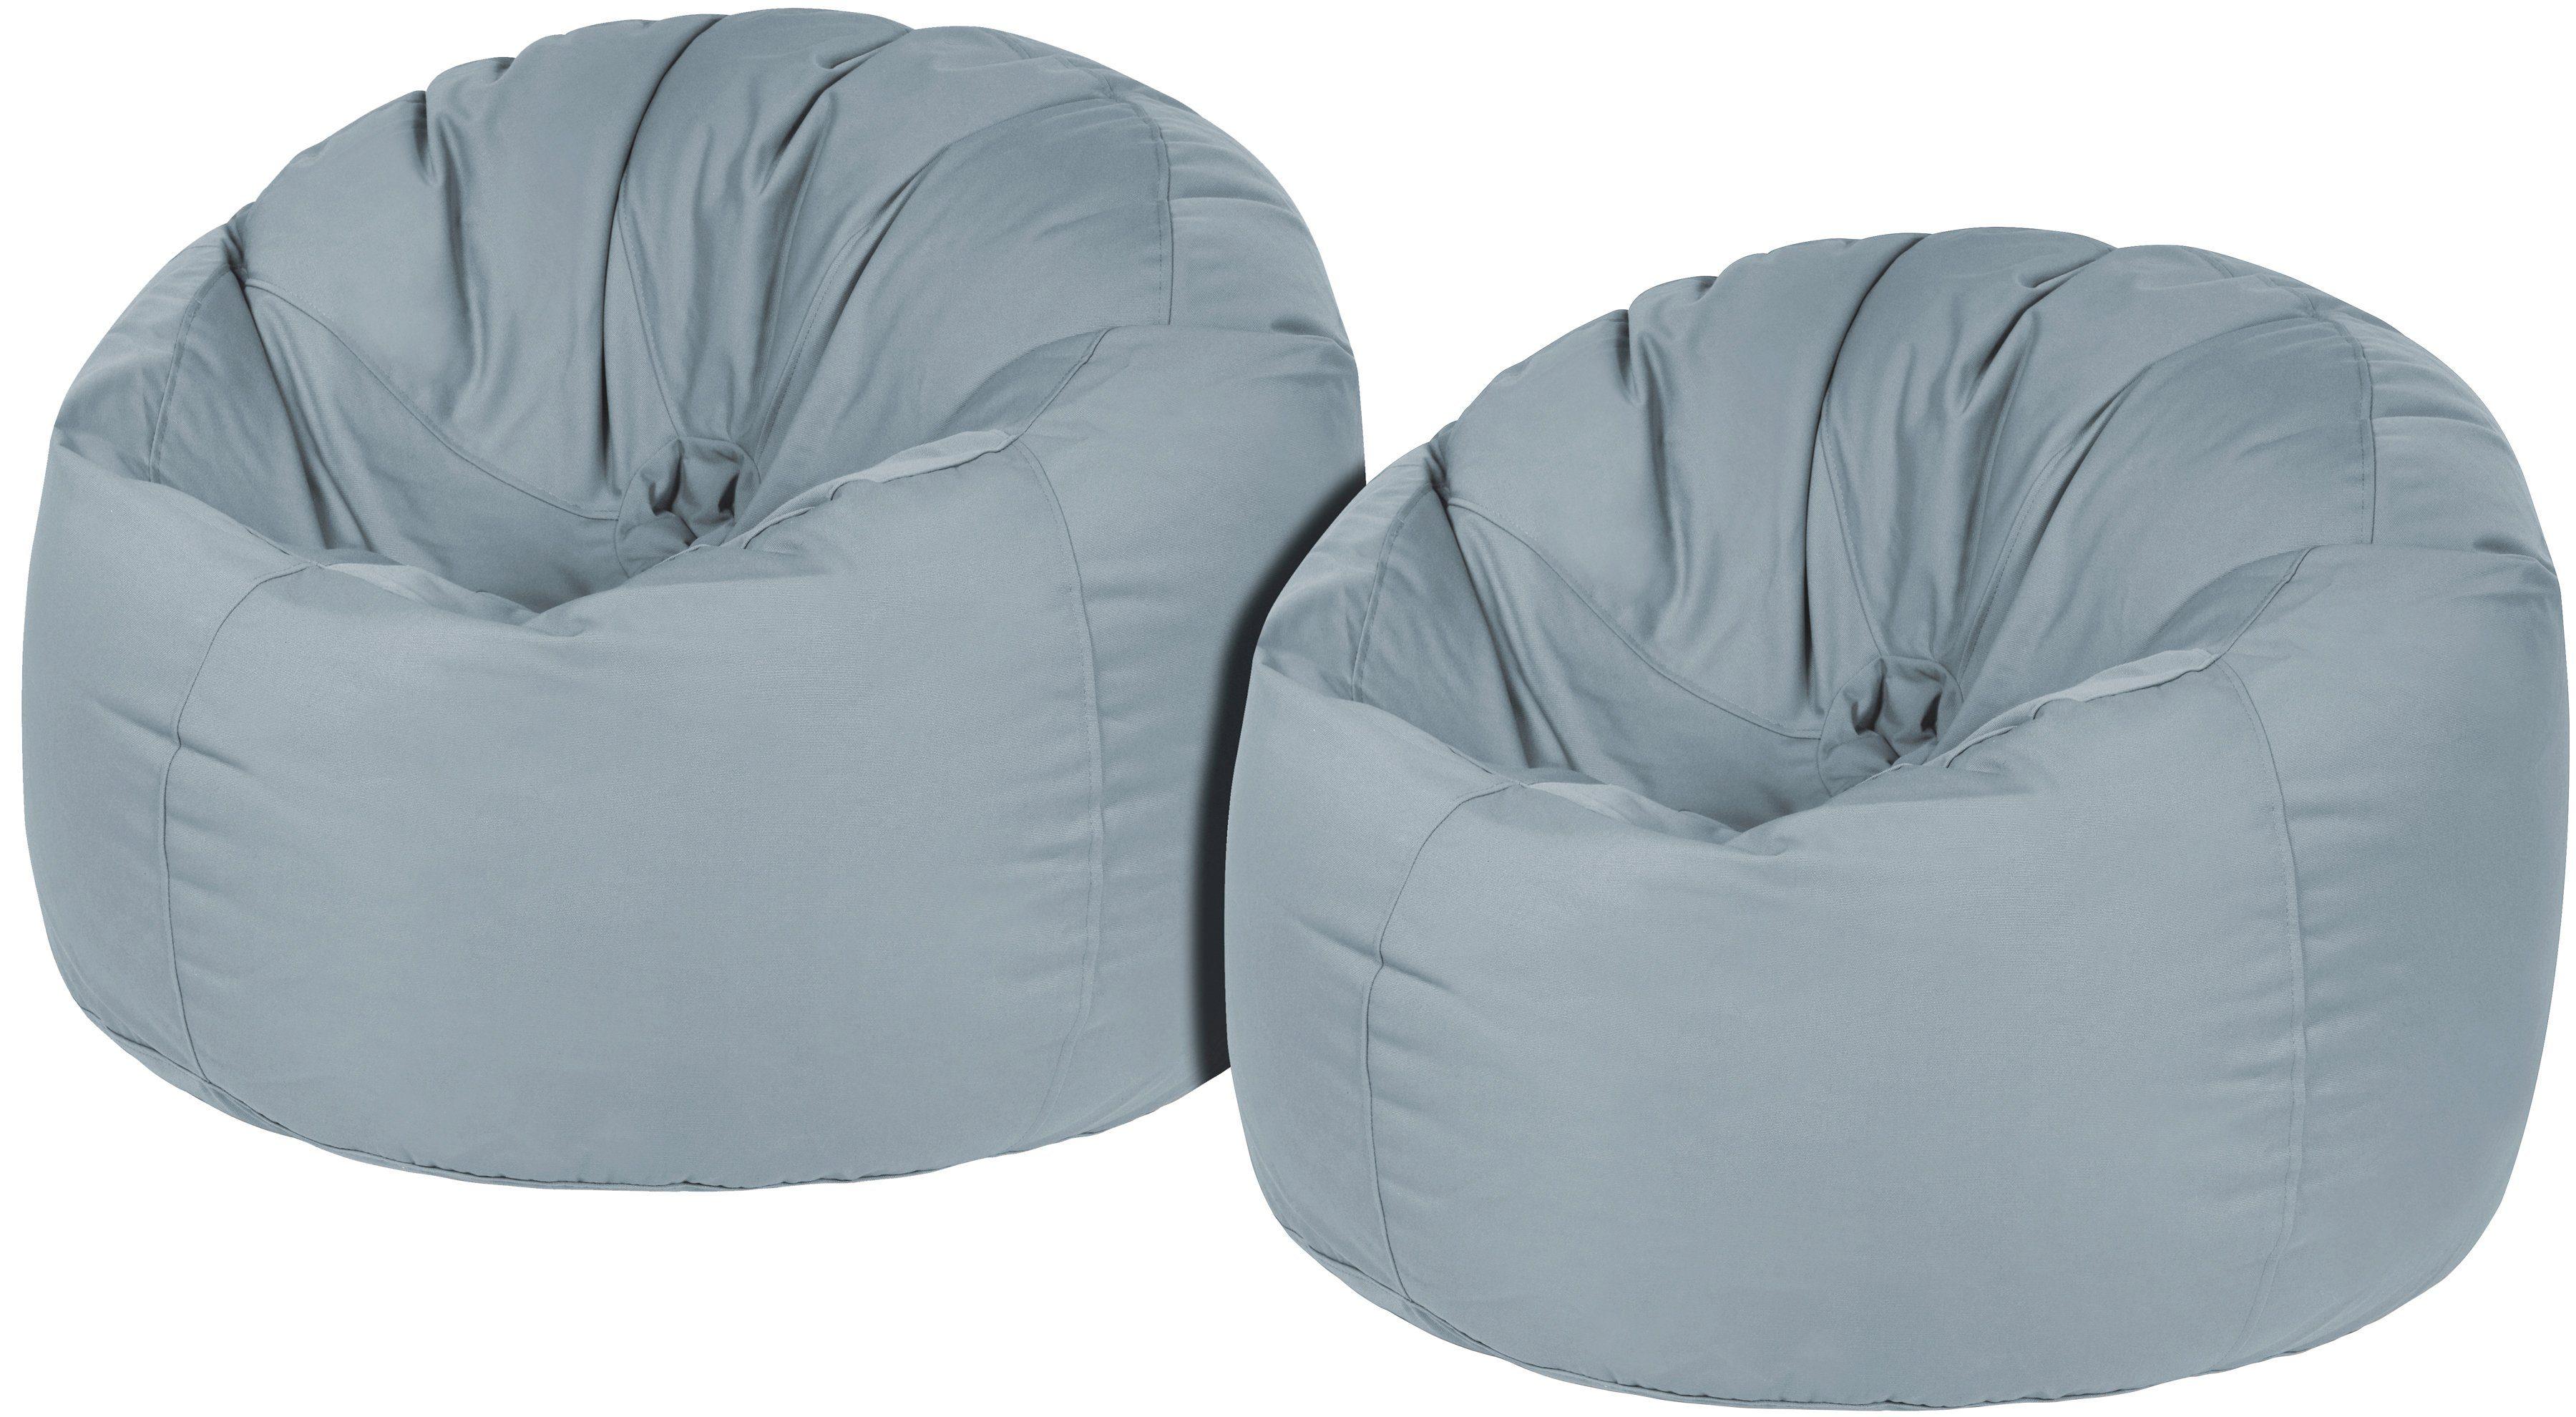 OUTBAG Sitzsack »Donut Plus«, wetterfest, für den Außenbereich, Ø: 90 cm online kaufen | OTTO